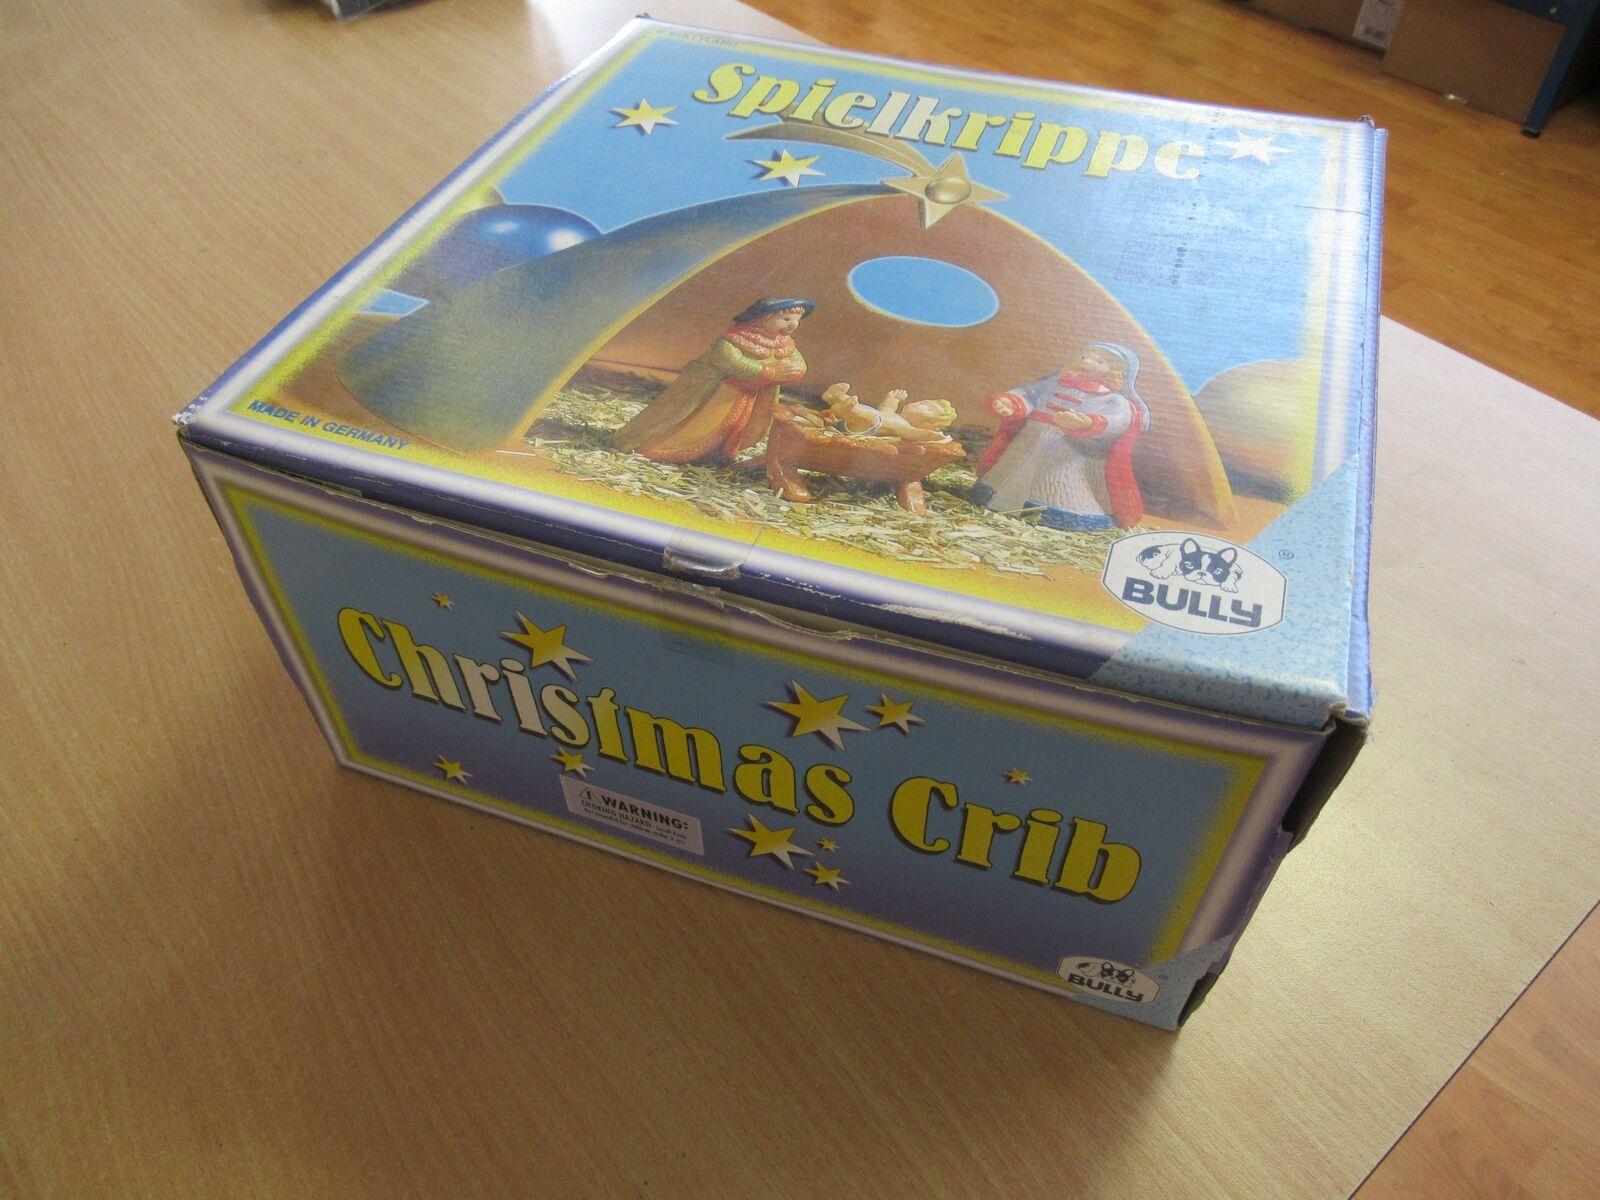 Crèche TRÈS RARE - Spielkrippe Bully 75025 - - - Contient 7 pièces - BullyLand 398d43